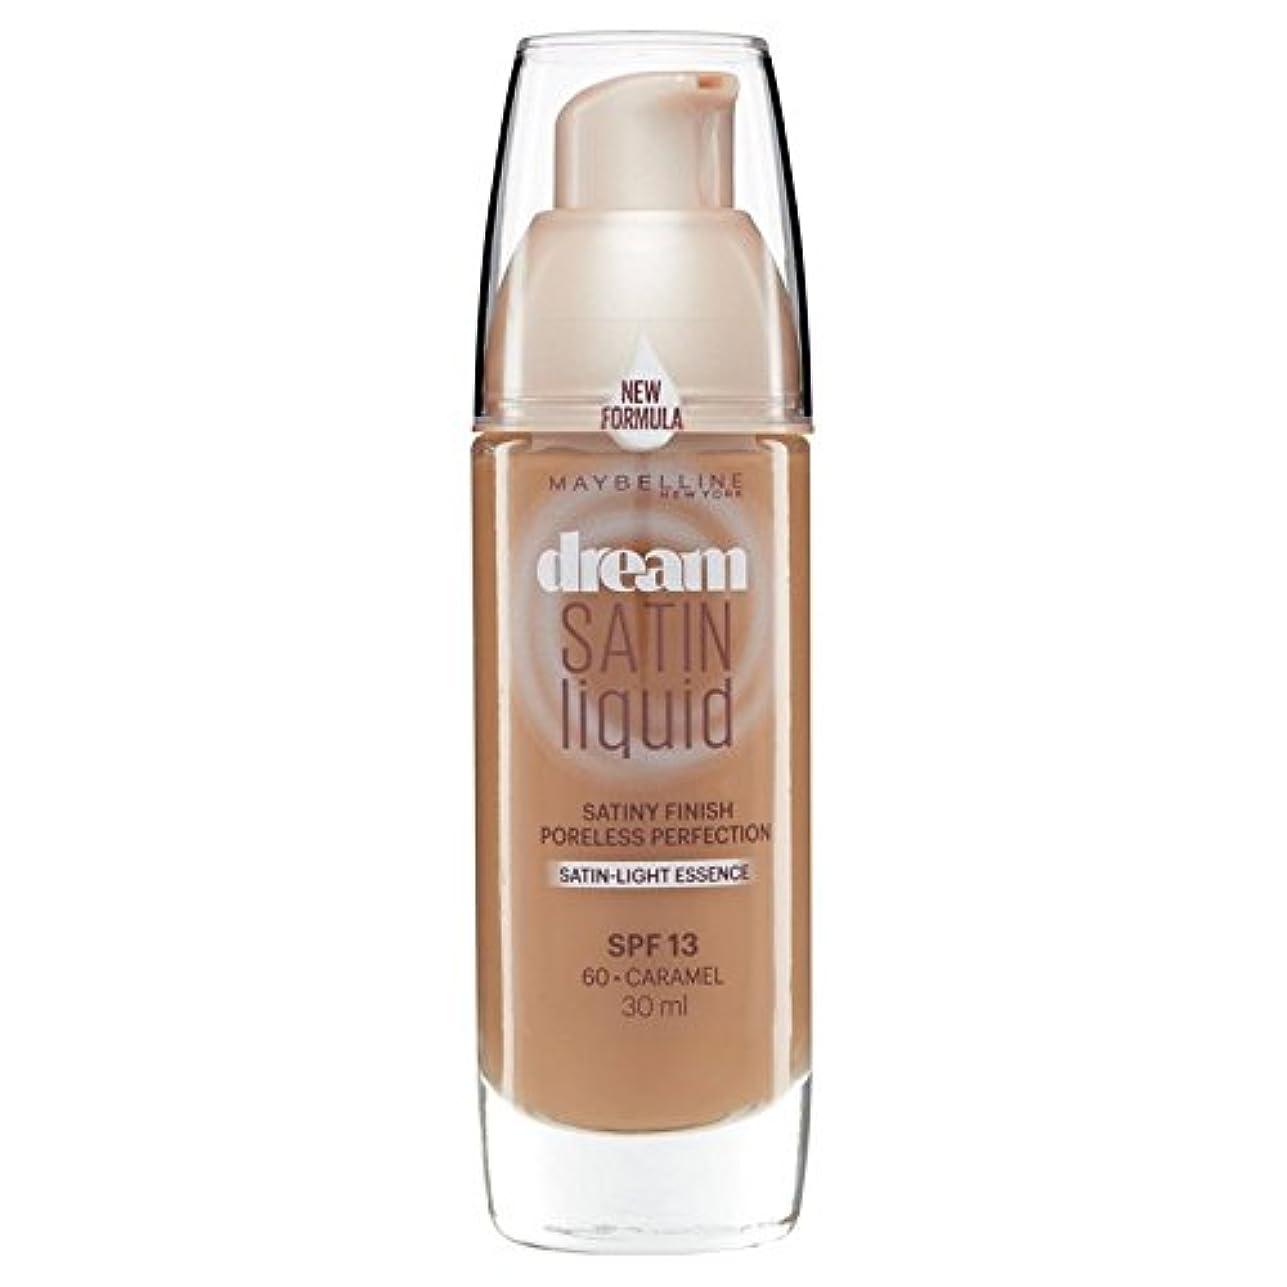 メイベリン夢のサテンのリキッドファンデーション060キャラメル30ミリリットル x4 - Maybelline Dream Satin Liquid Foundation 060 Caramel 30ml (Pack of...